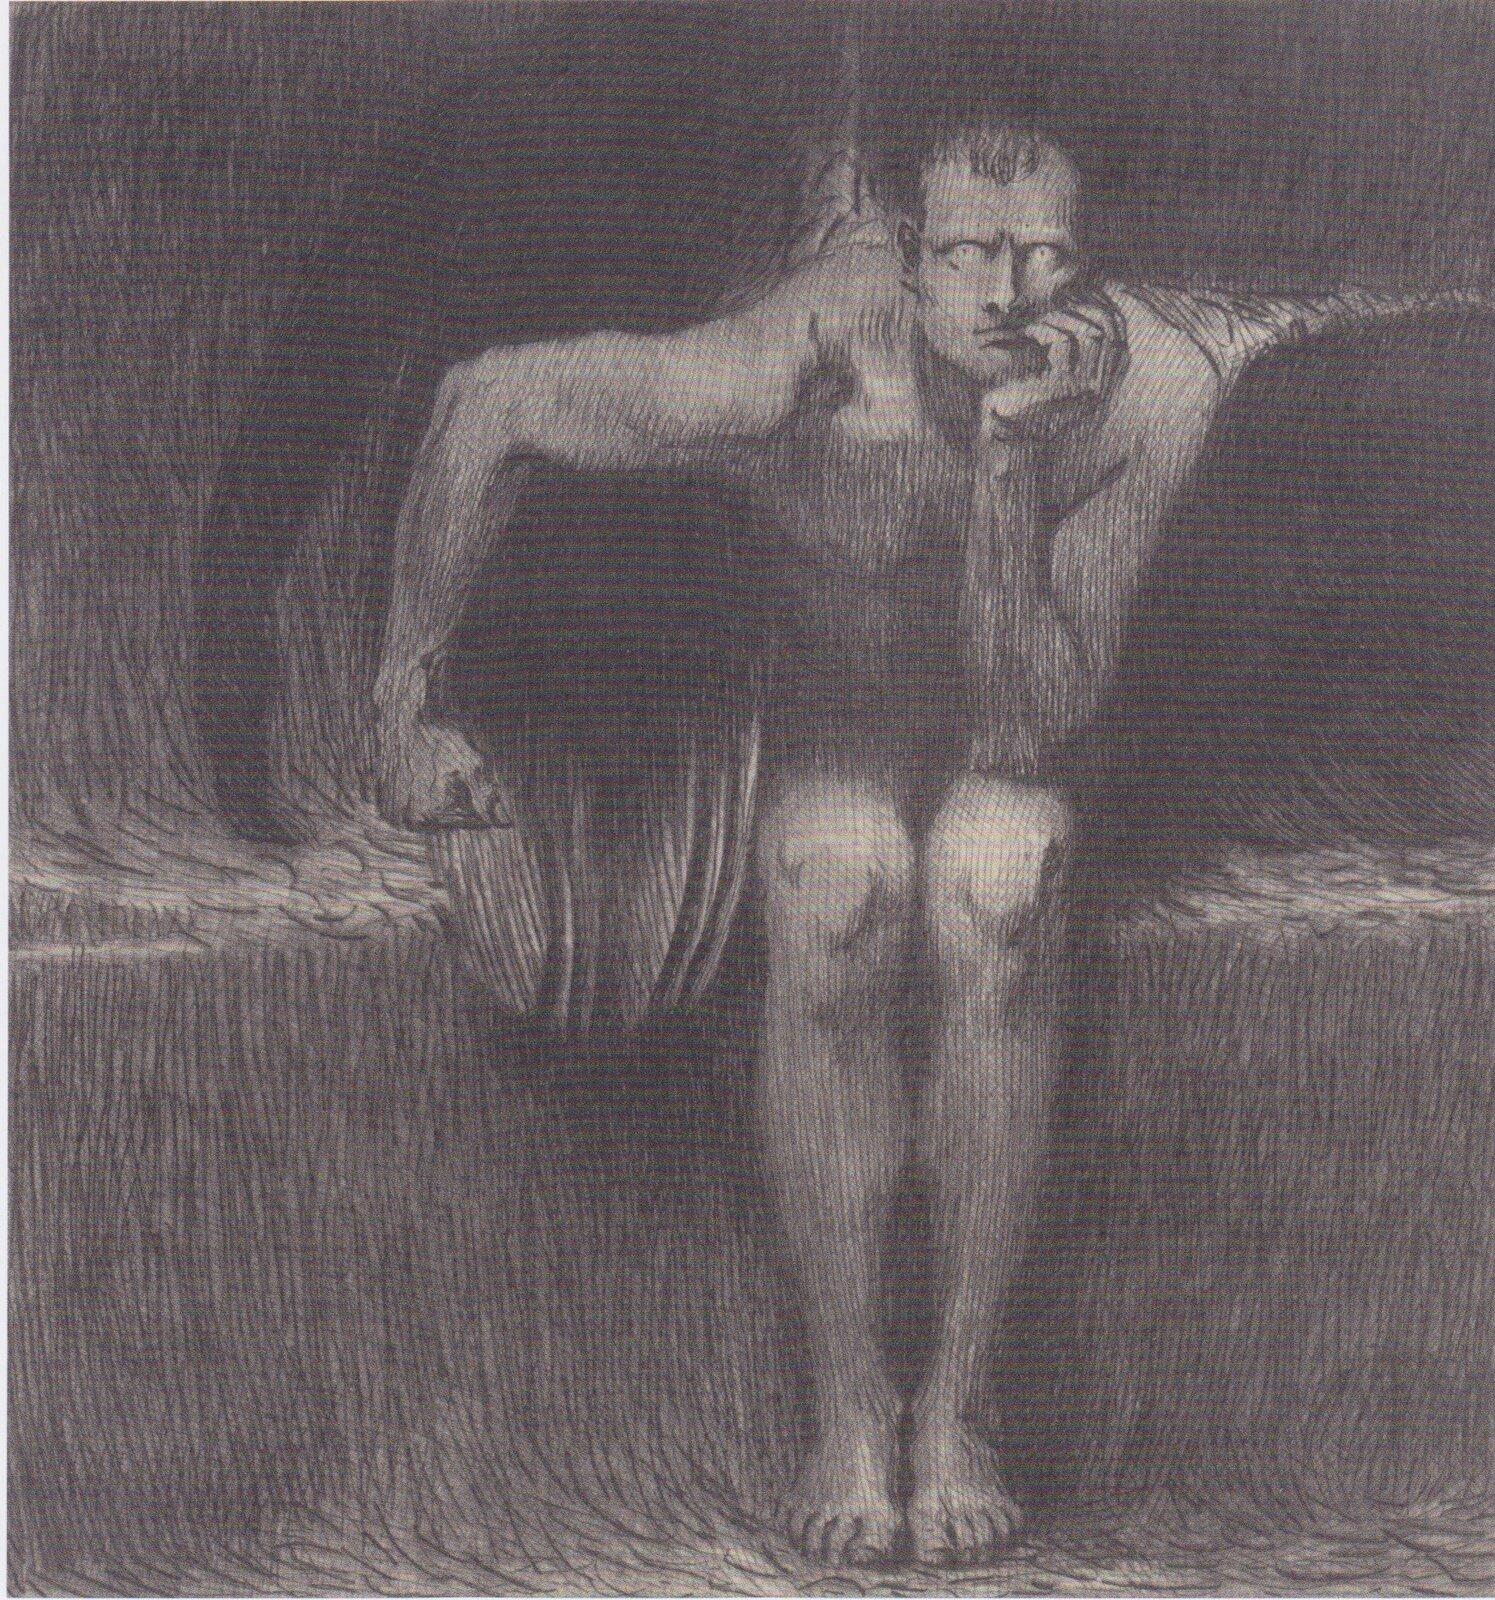 Franz von Stuck, Lucyfer, 1890, akwaforta na papierze Franz von Stuck, Lucyfer, 1890, akwaforta na papierze Źródło: domena publiczna.